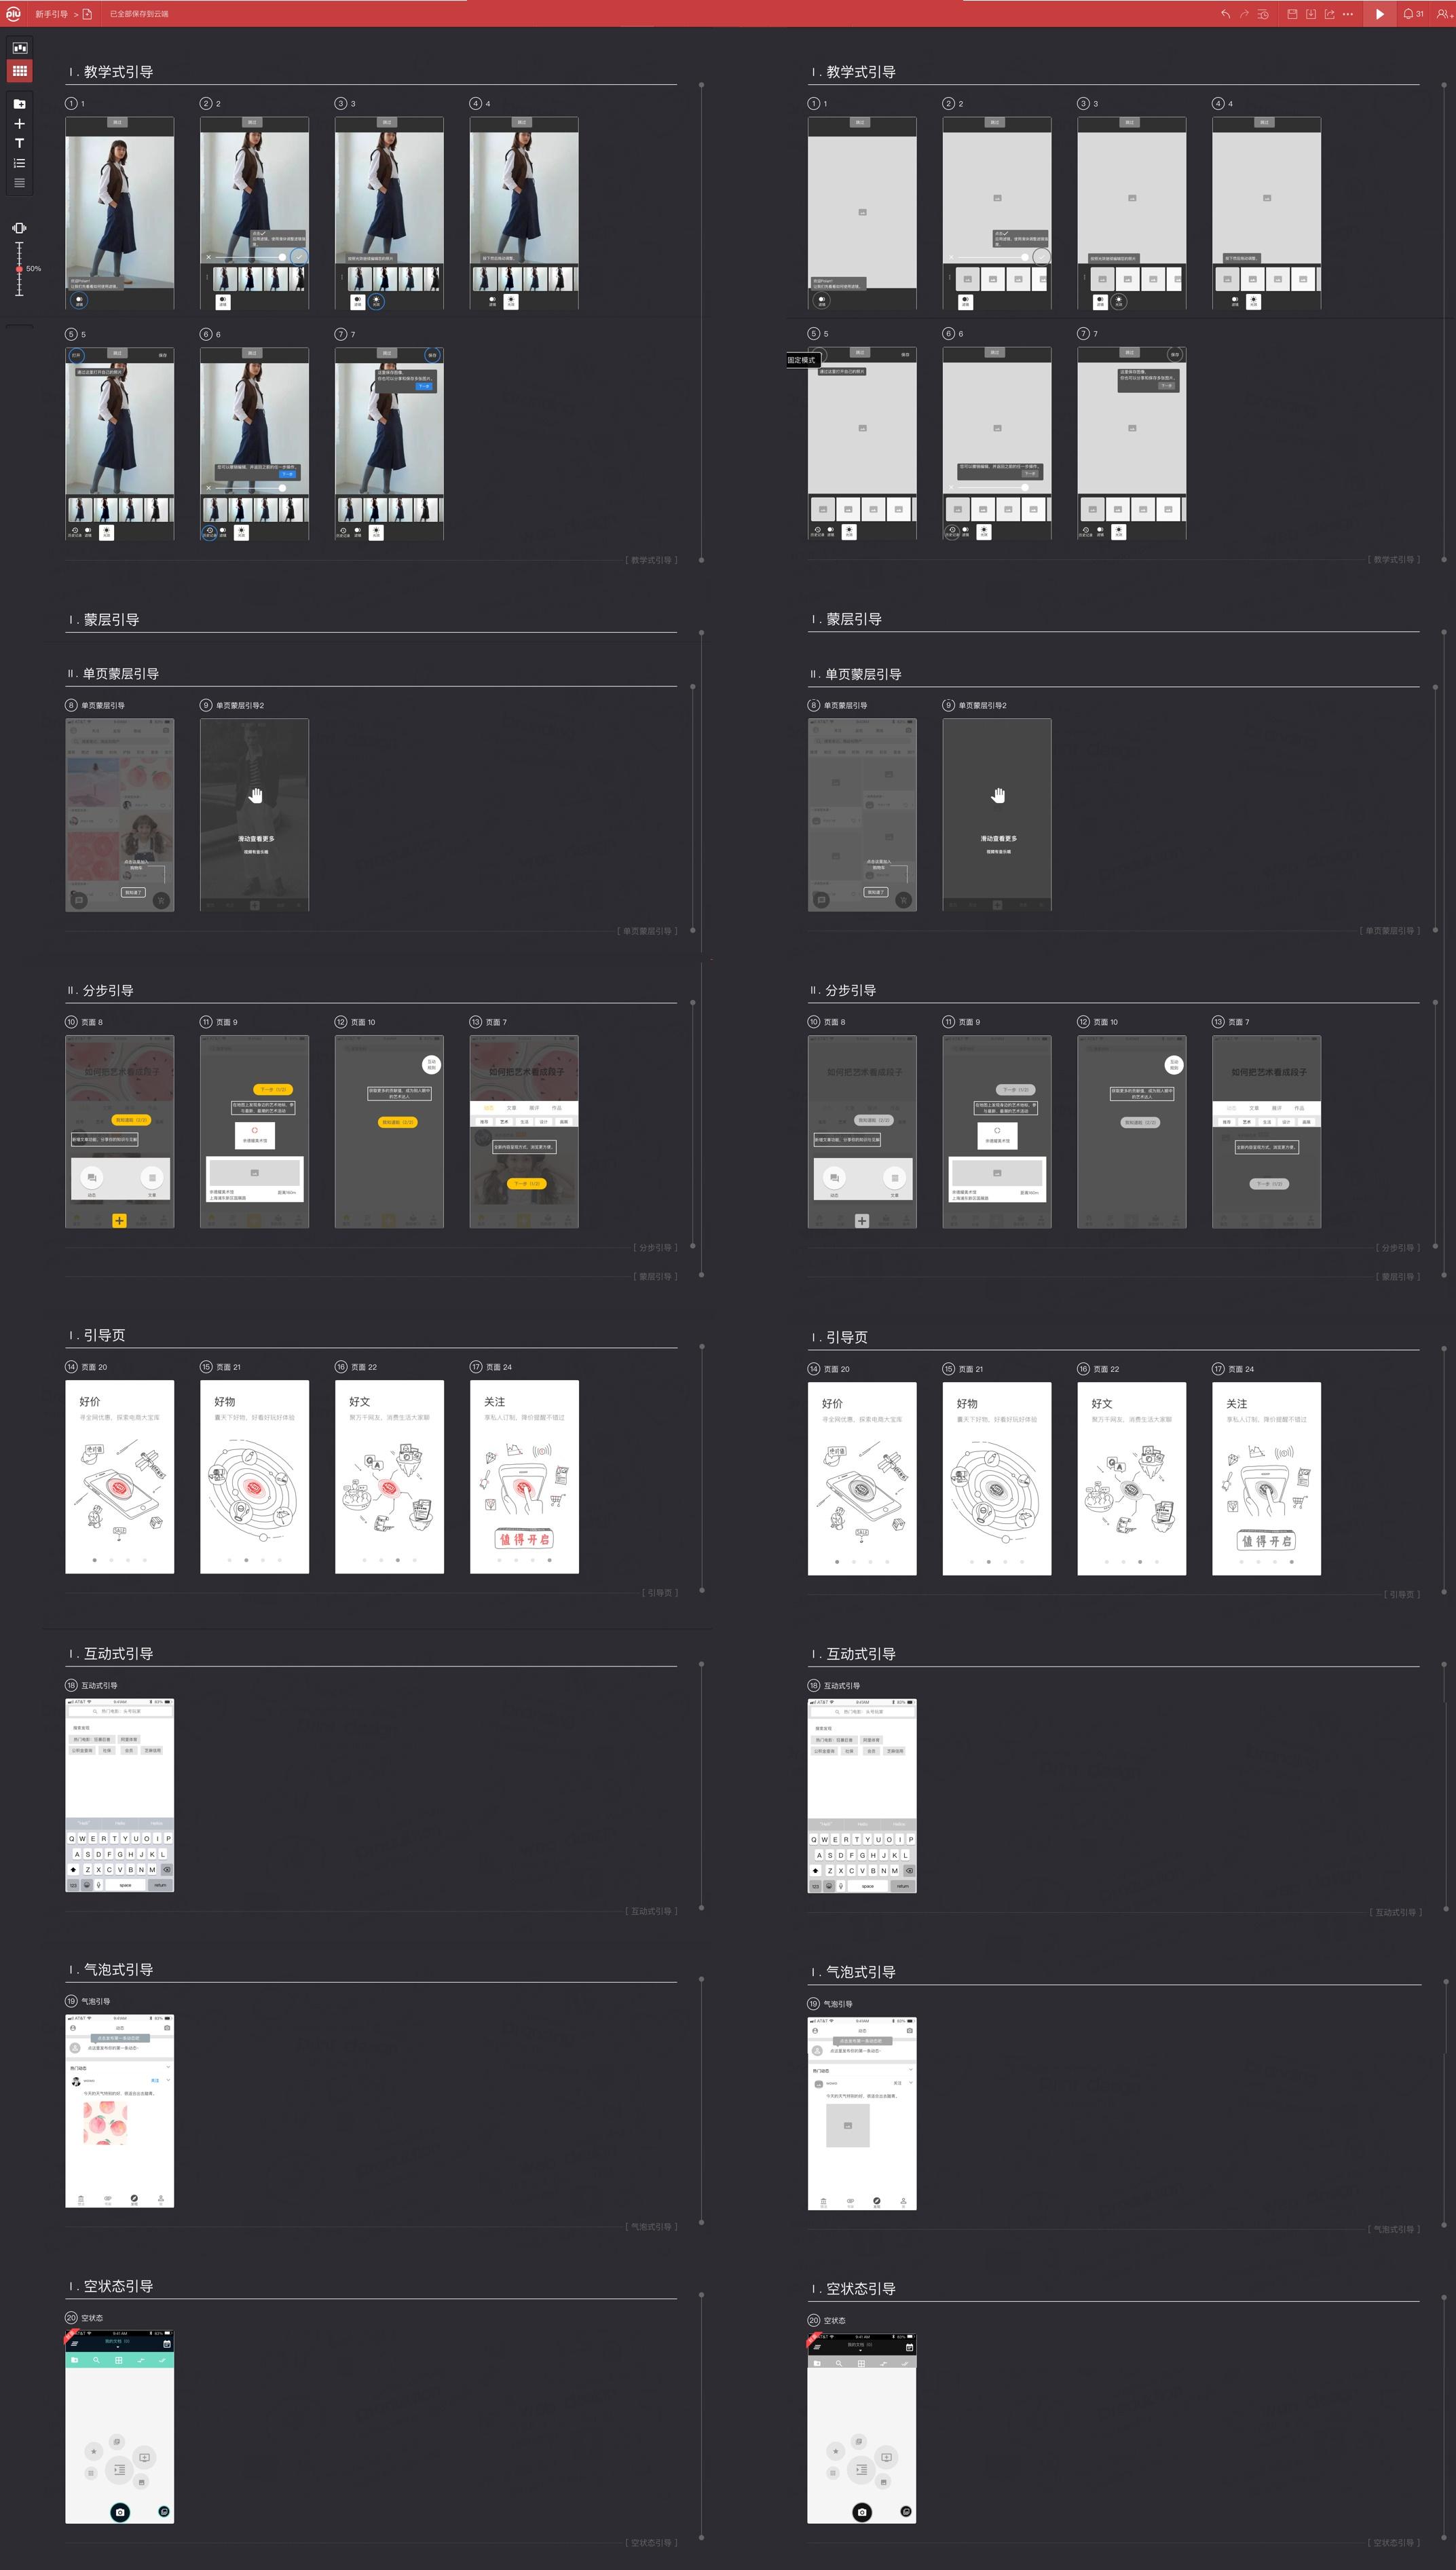 8种引导方式,7个设计要点,让你全面了解新手引导!